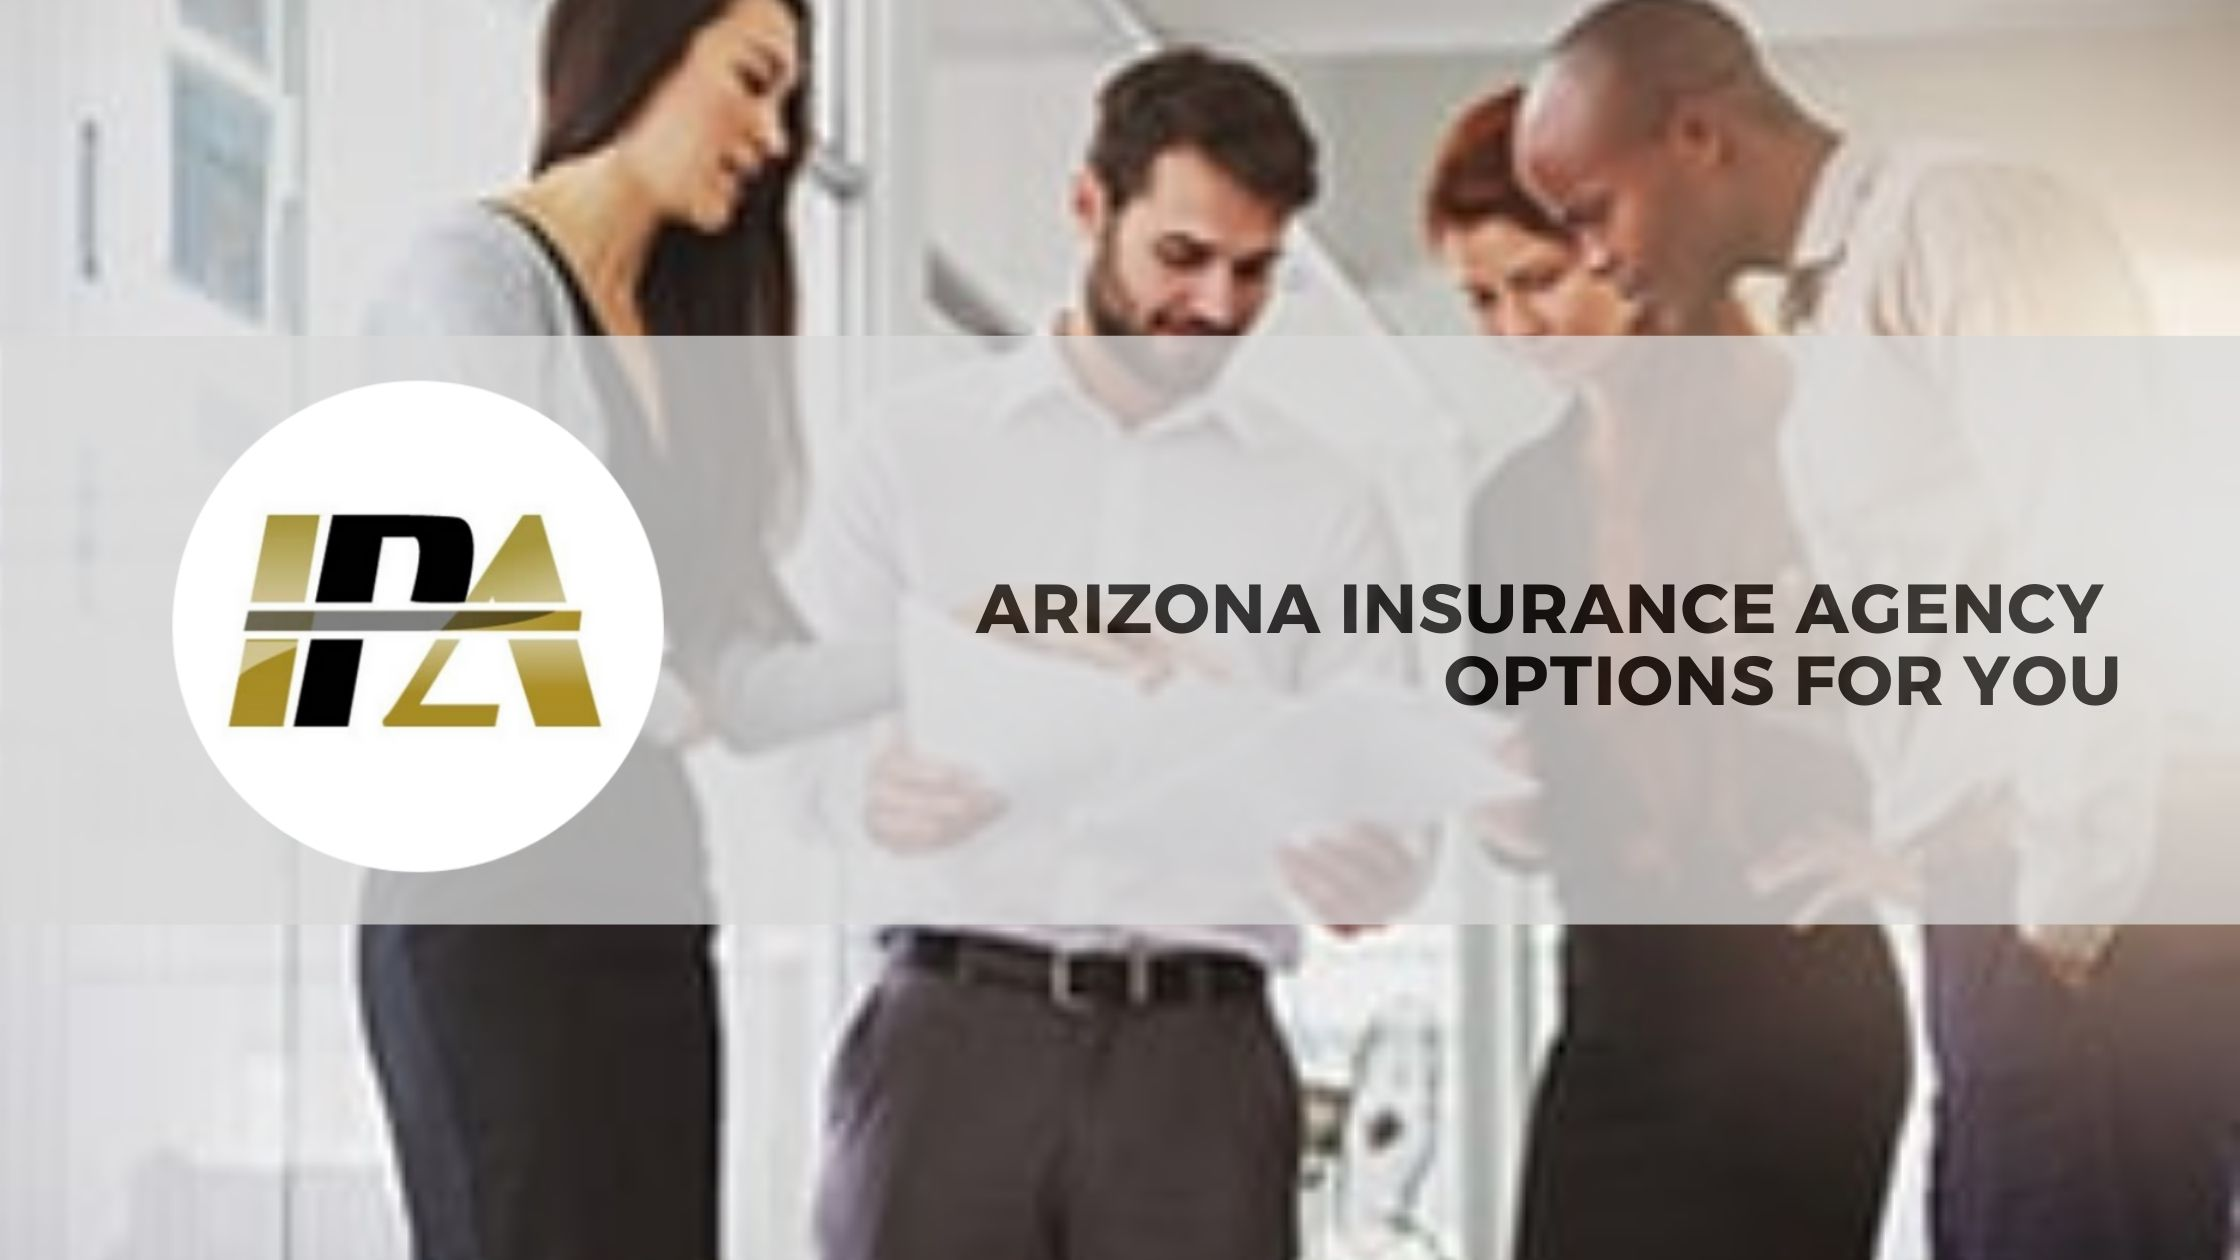 Arizona Insurance Agency